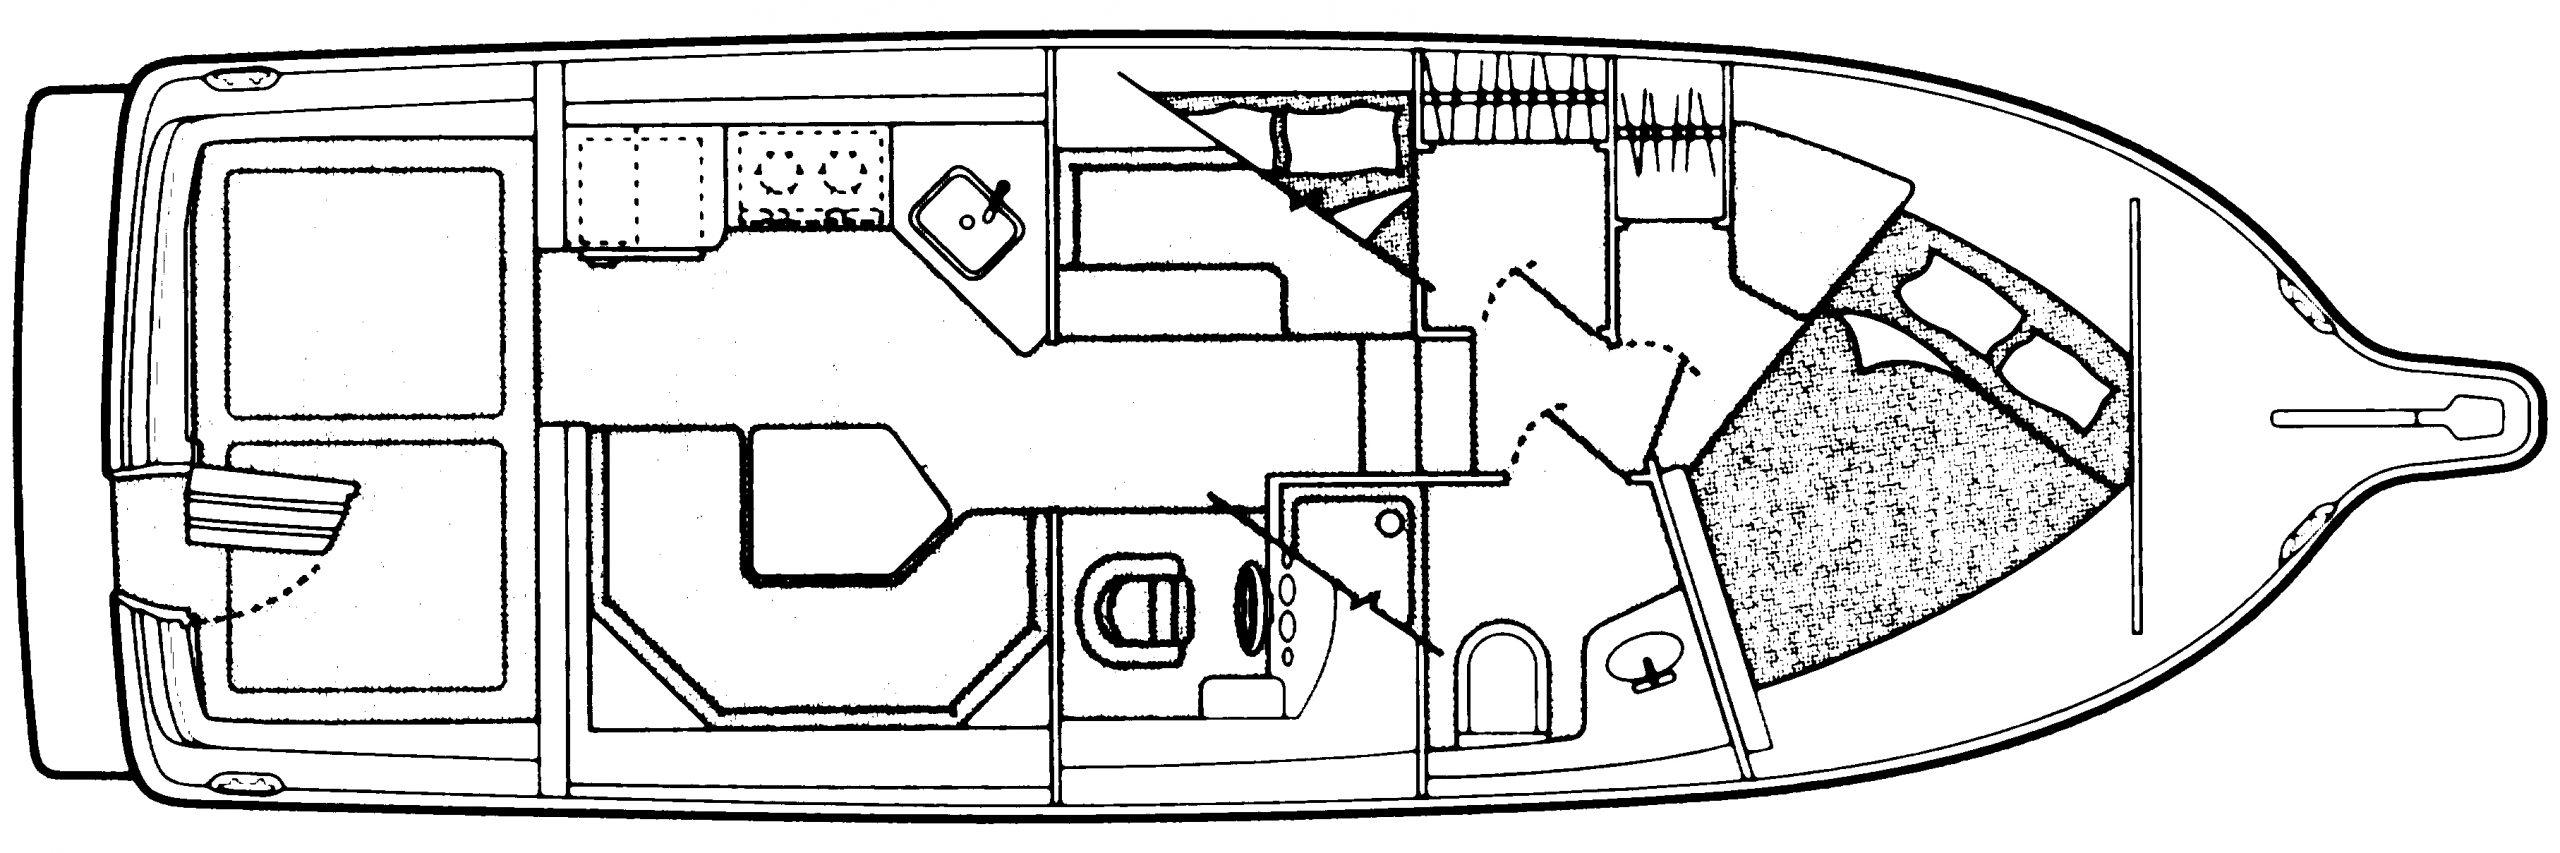 3258 Command Bridge Floor Plan 1